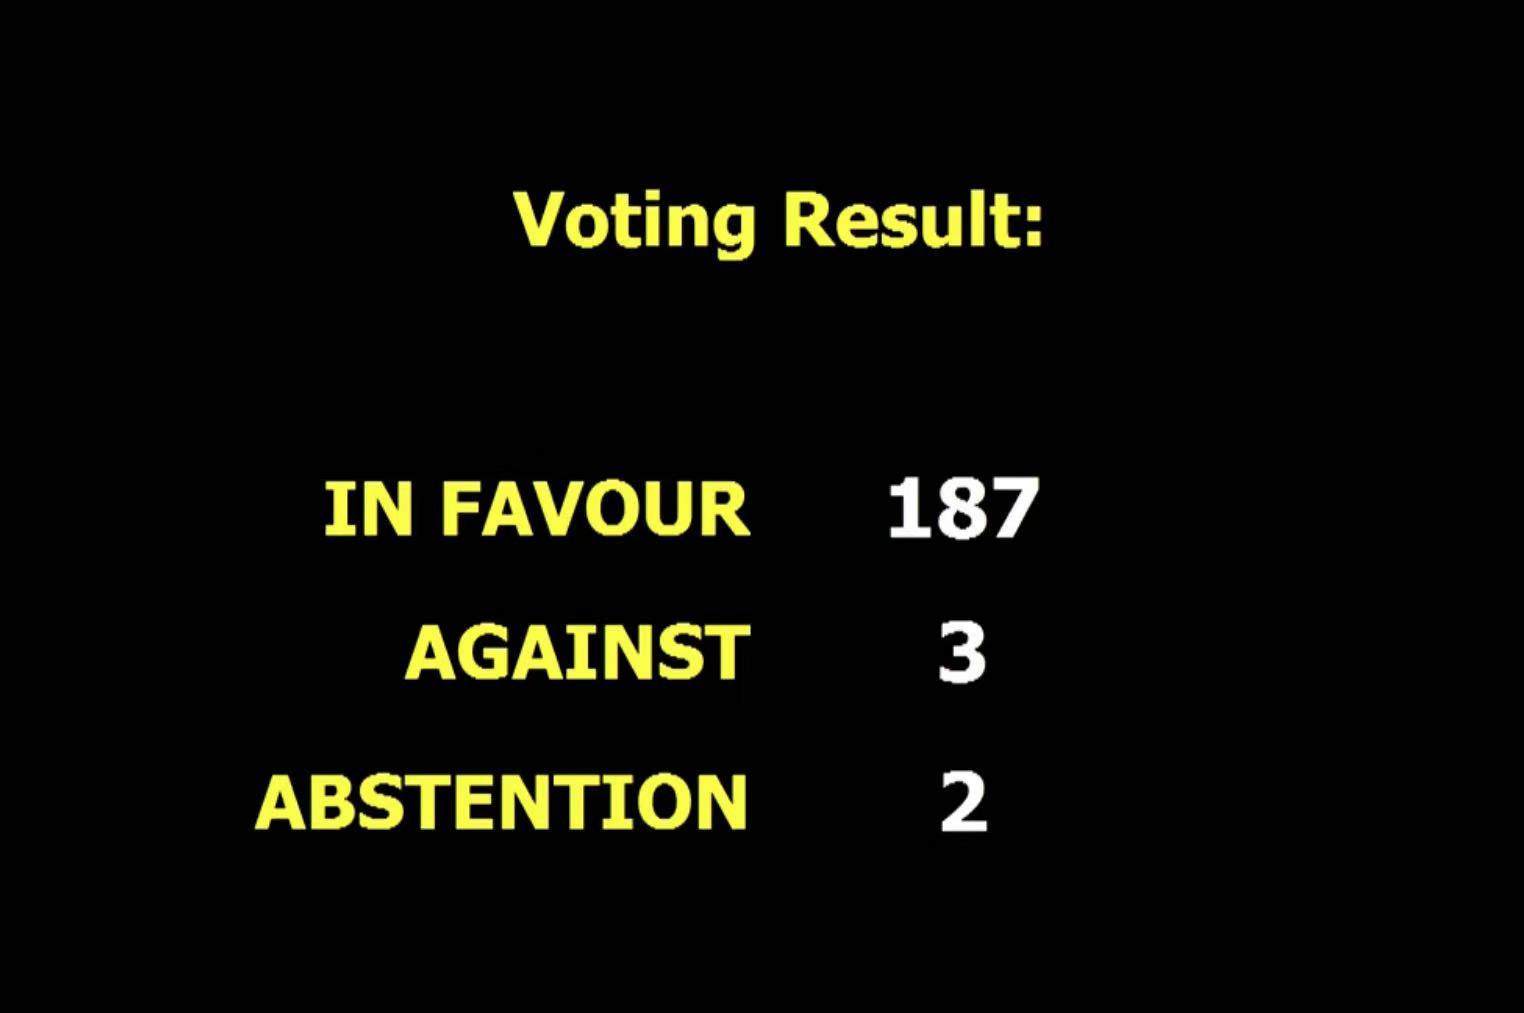 联大投票 谴责美国对古巴实施禁运并要求其解除